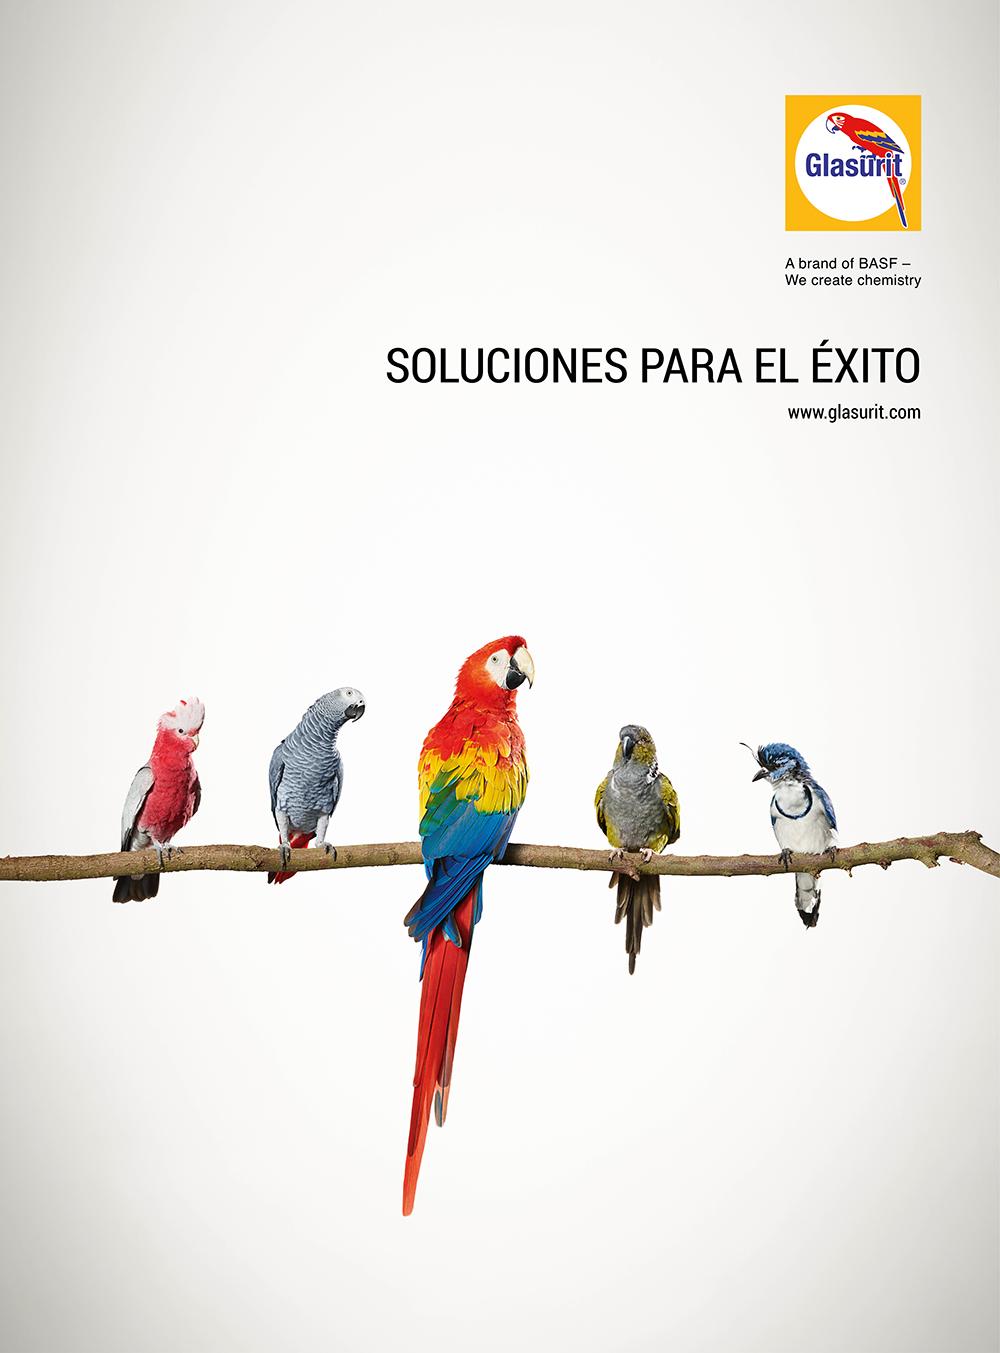 Premio Calidad y Servicio 2019 Color Glasurit